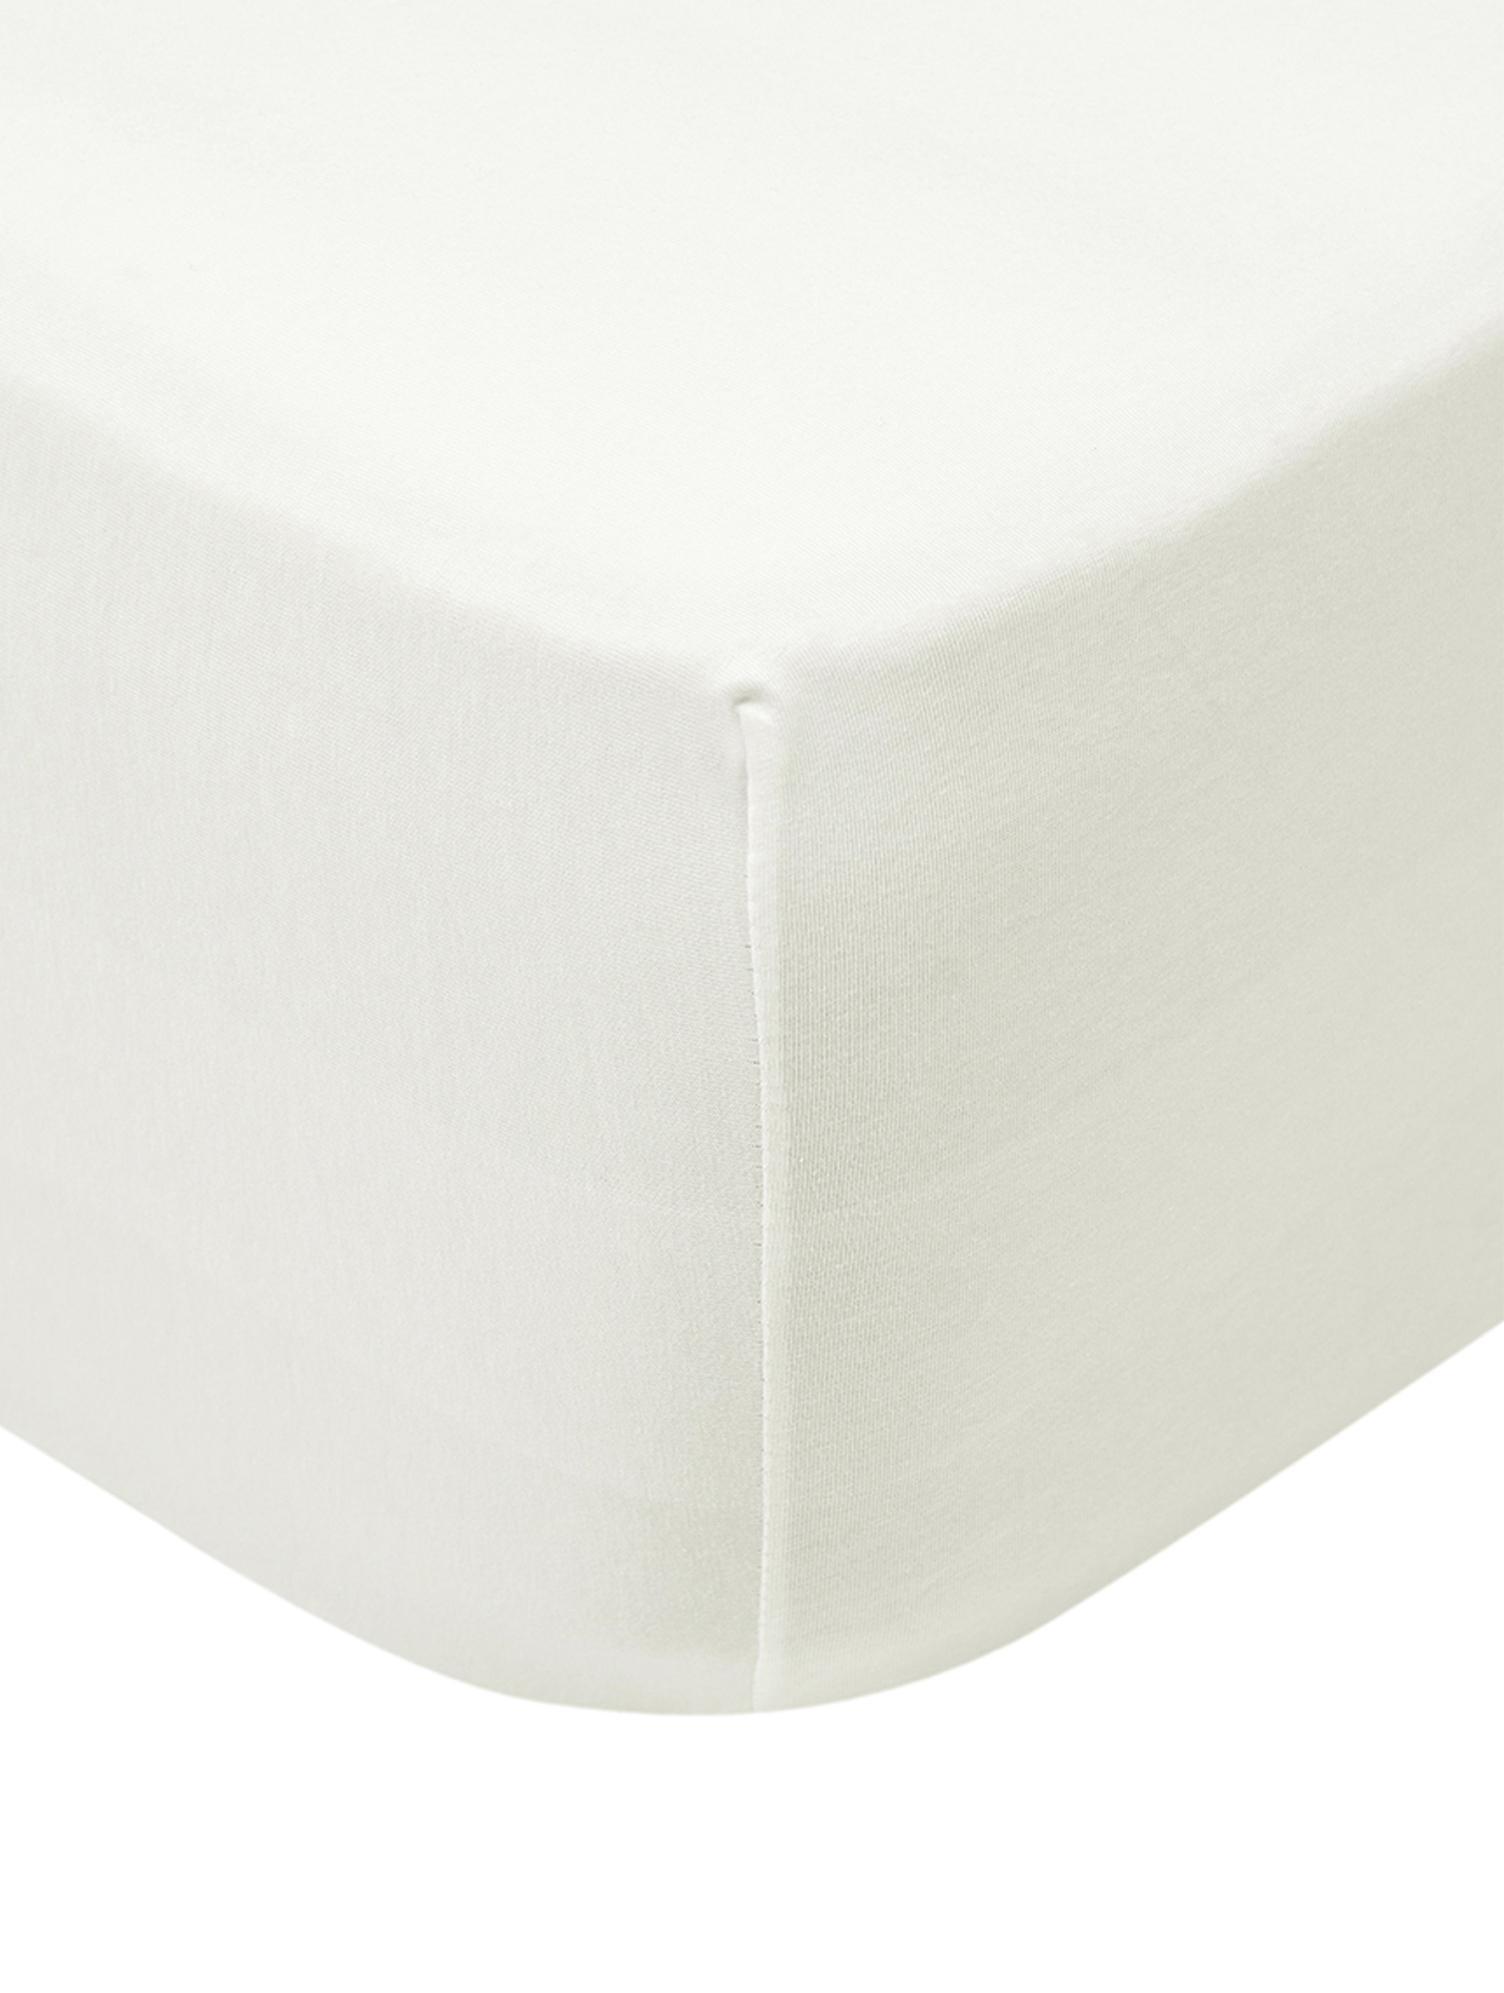 Spannbettlaken Lara, Jersey-Elasthan, 95% Baumwolle, 5% Elasthan, Cremefarben, 160 x 200 cm